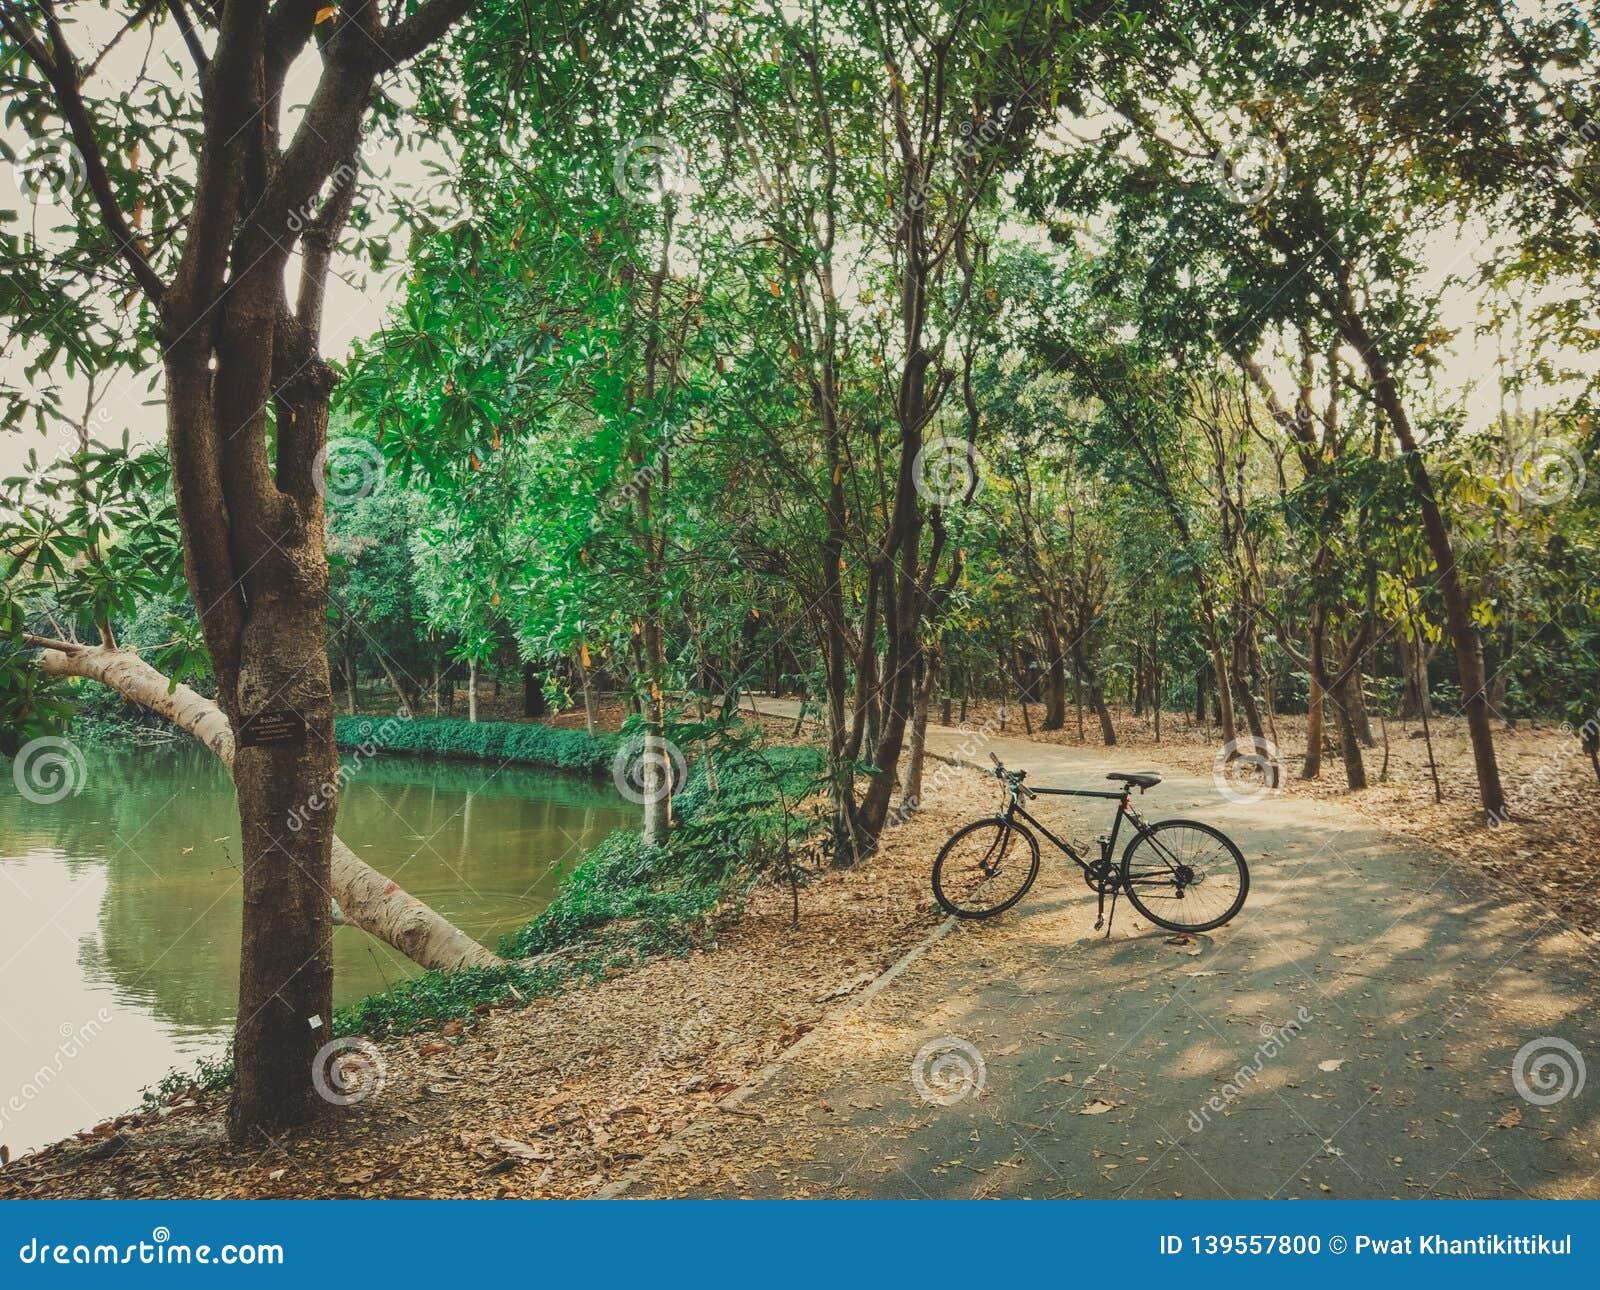 01 - Fiets het cirkelen op een moerassige weg in een park